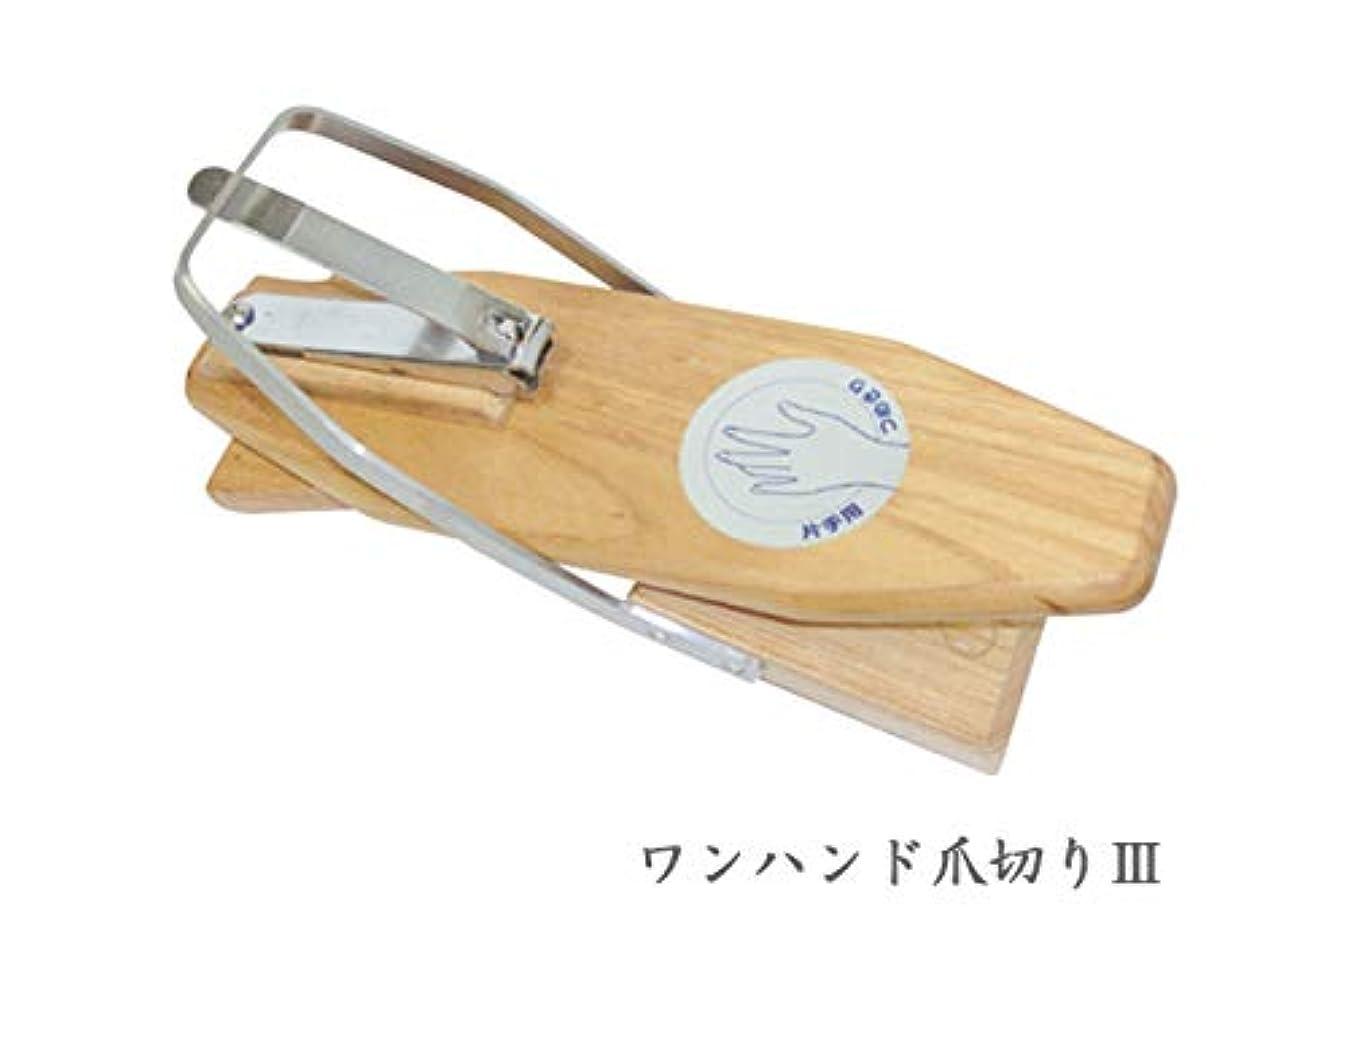 交流するバイオリニスト肉屋ワンハンド爪切り3 ウカイ利器 爪切り